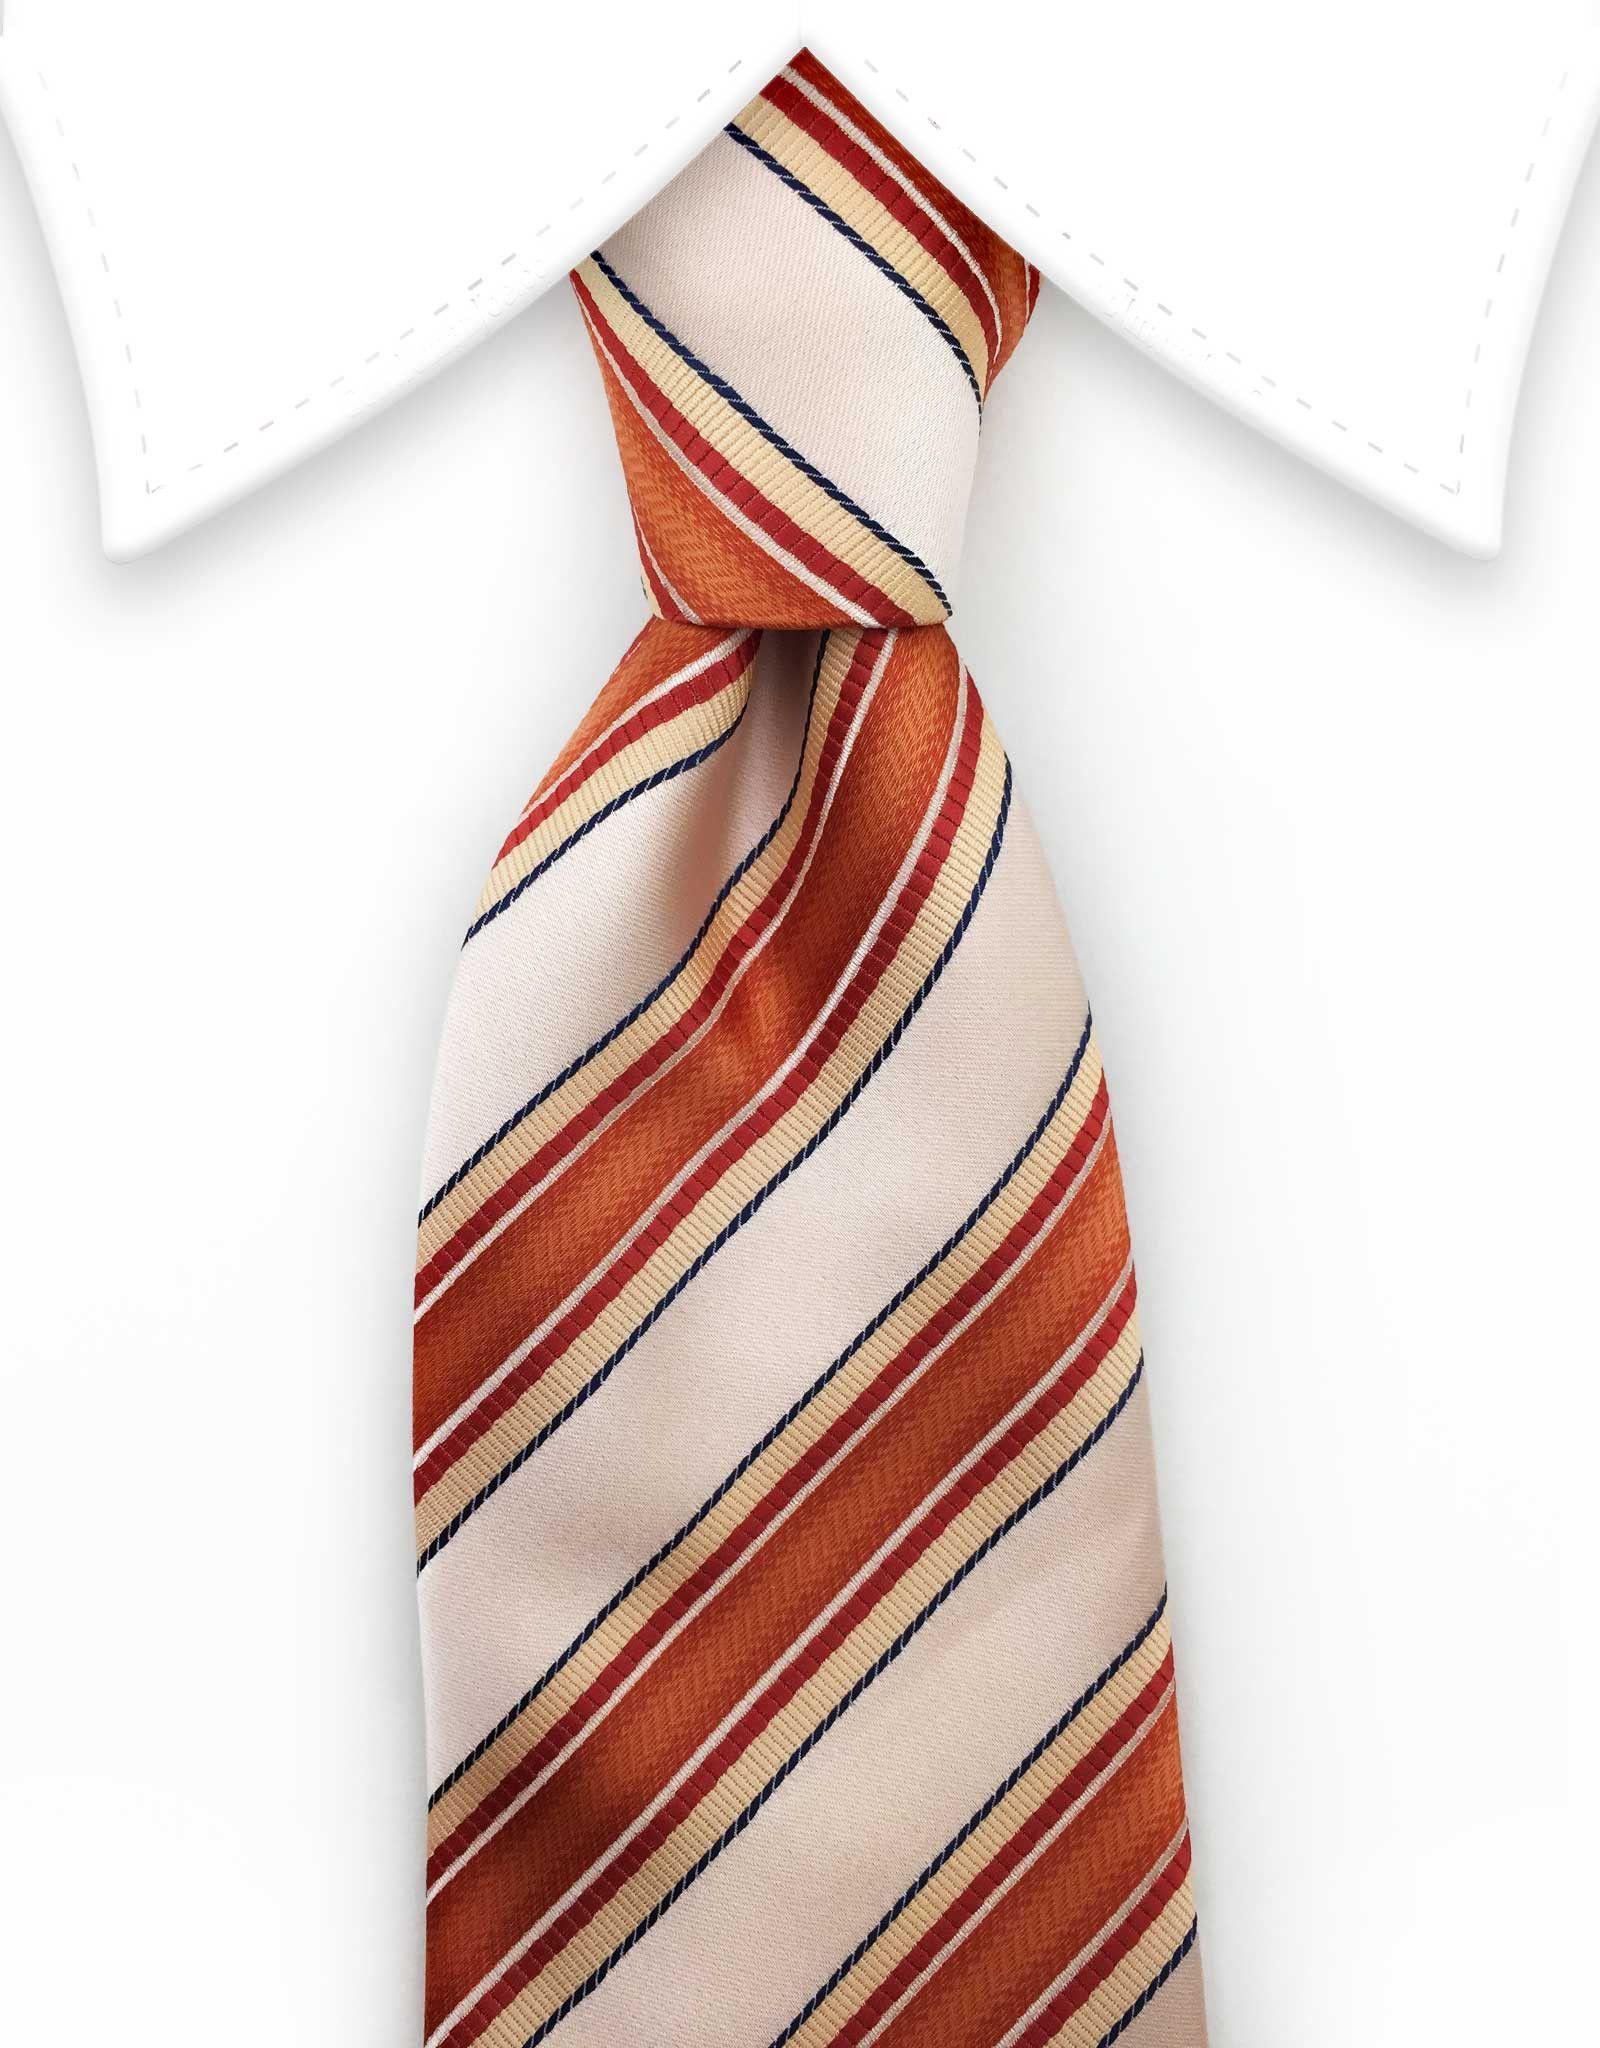 2c904de6deb6 Peach and Orange Coral Striped Tie   Gentleman Tie Combos   Tie ...